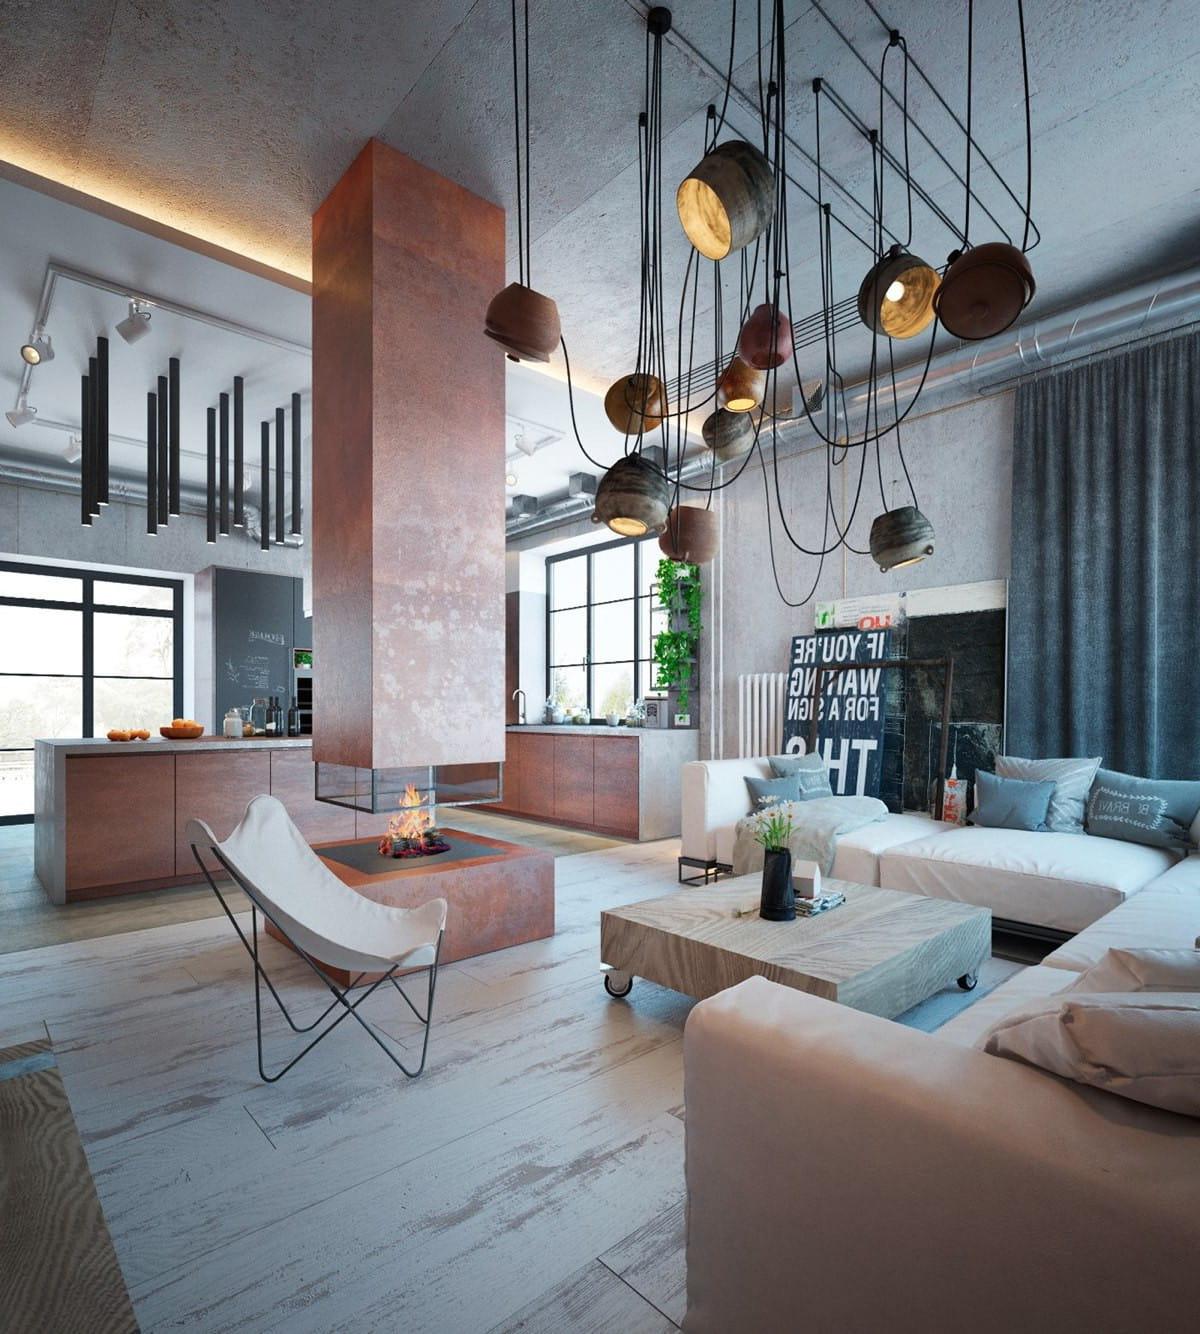 Квартира-студия в стиле лофт с шикарным камином в центре внимания